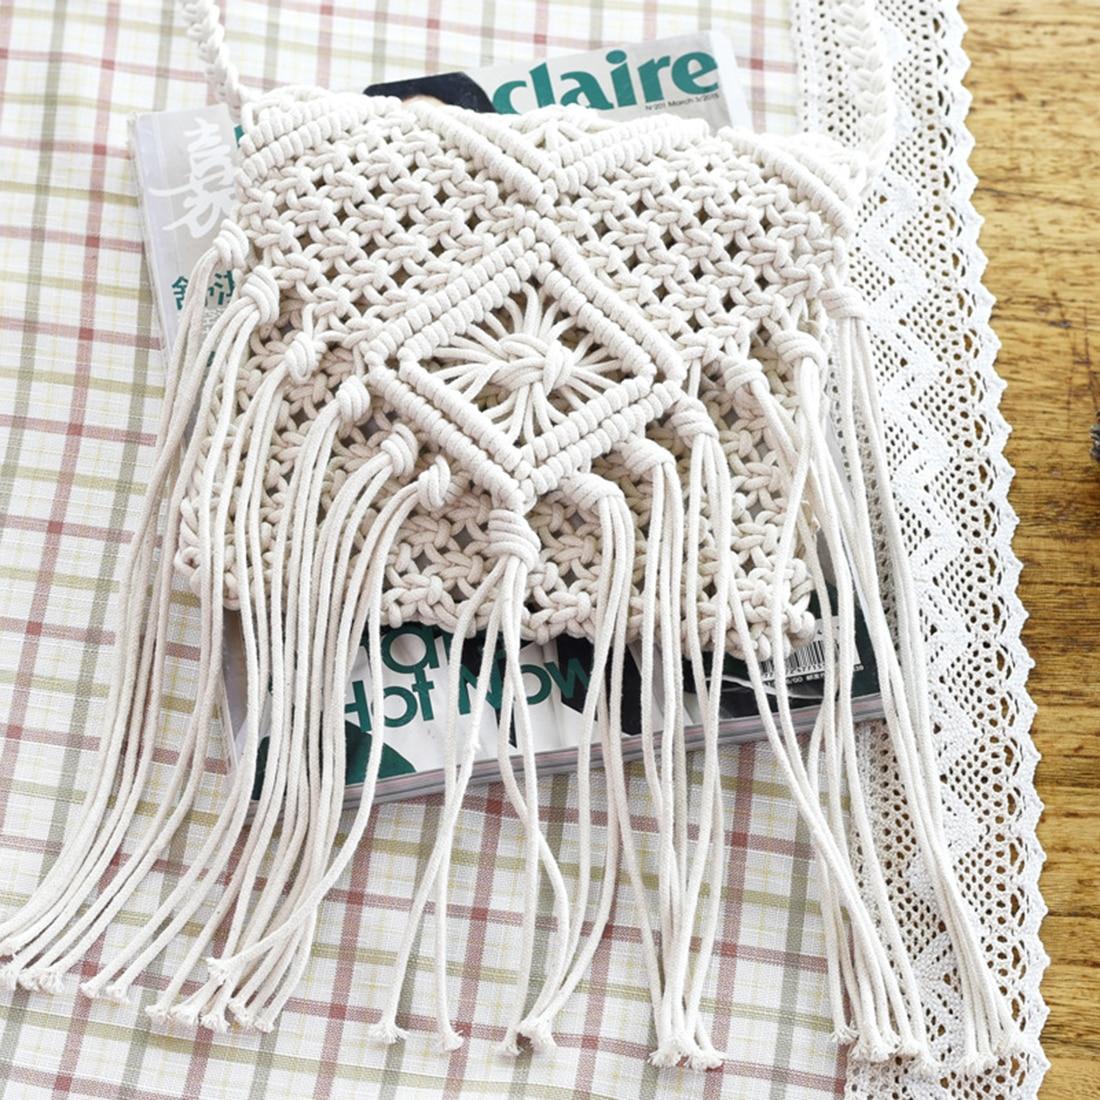 LJL Fringe Tassel Crossbody Shoulder Bag Woven Handmade Boho Beach Travel Handbag For Women